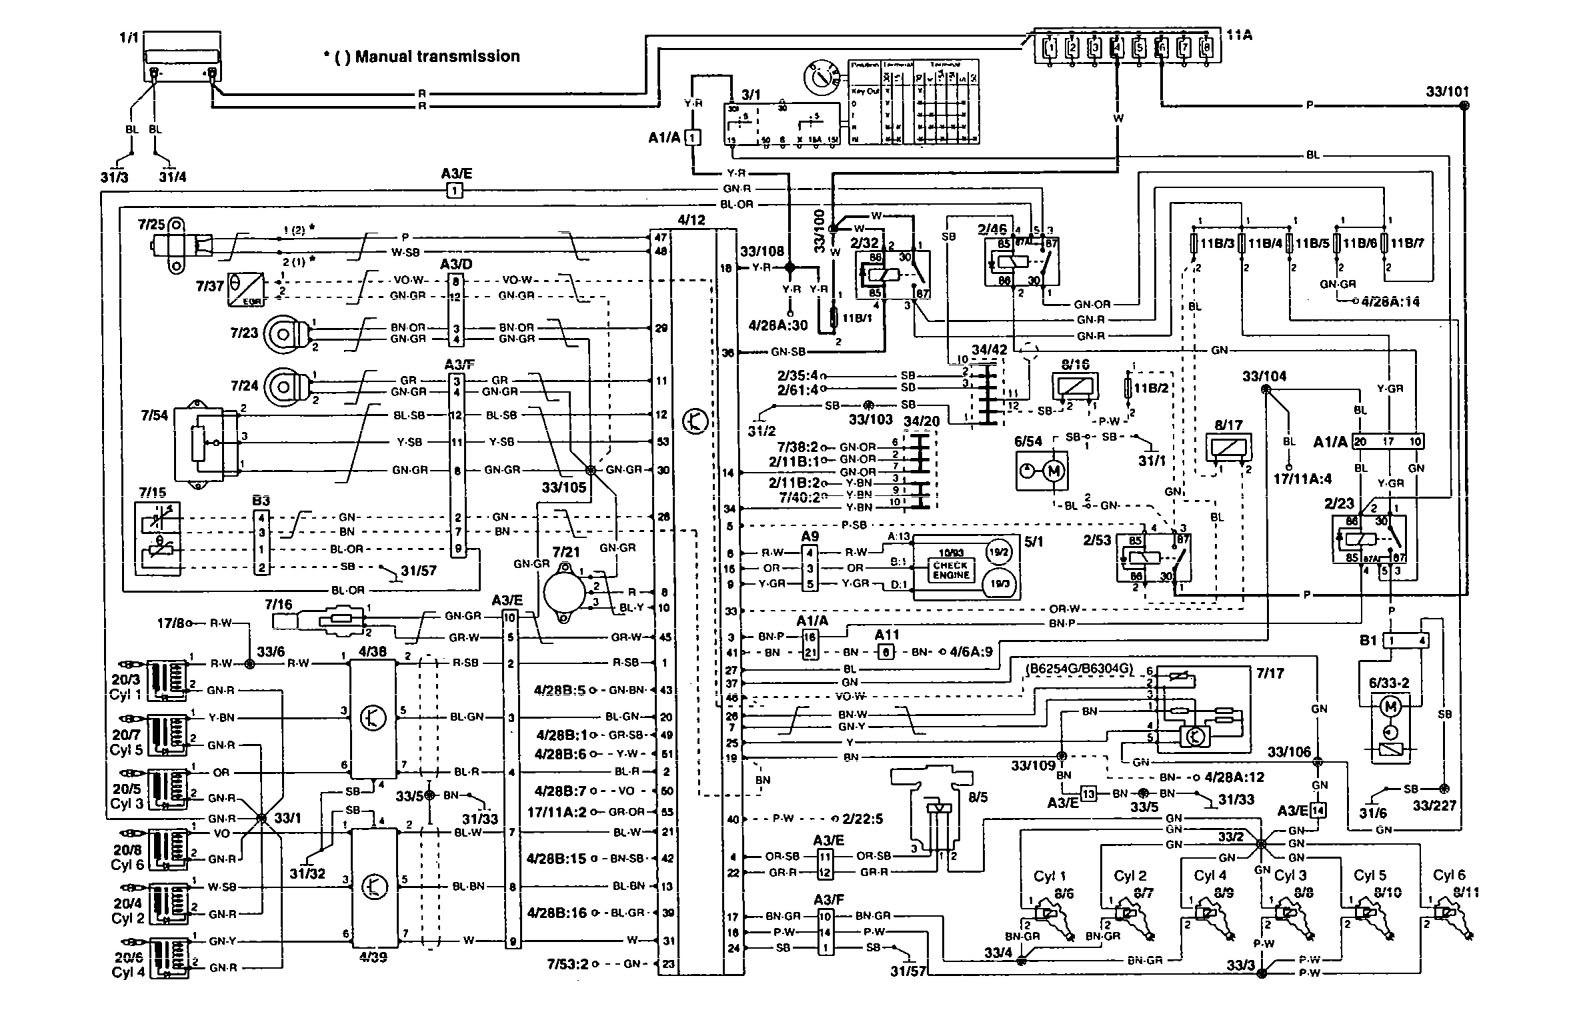 Volvo Ec140b Wiring Diagram - 1990 Ford Explorer Starter Wiring Diagram -  audi-a3.karo-wong-liyo.jeanjaures37.fr   Volvo Ec140b Wiring Diagram      Wiring Diagram Resource